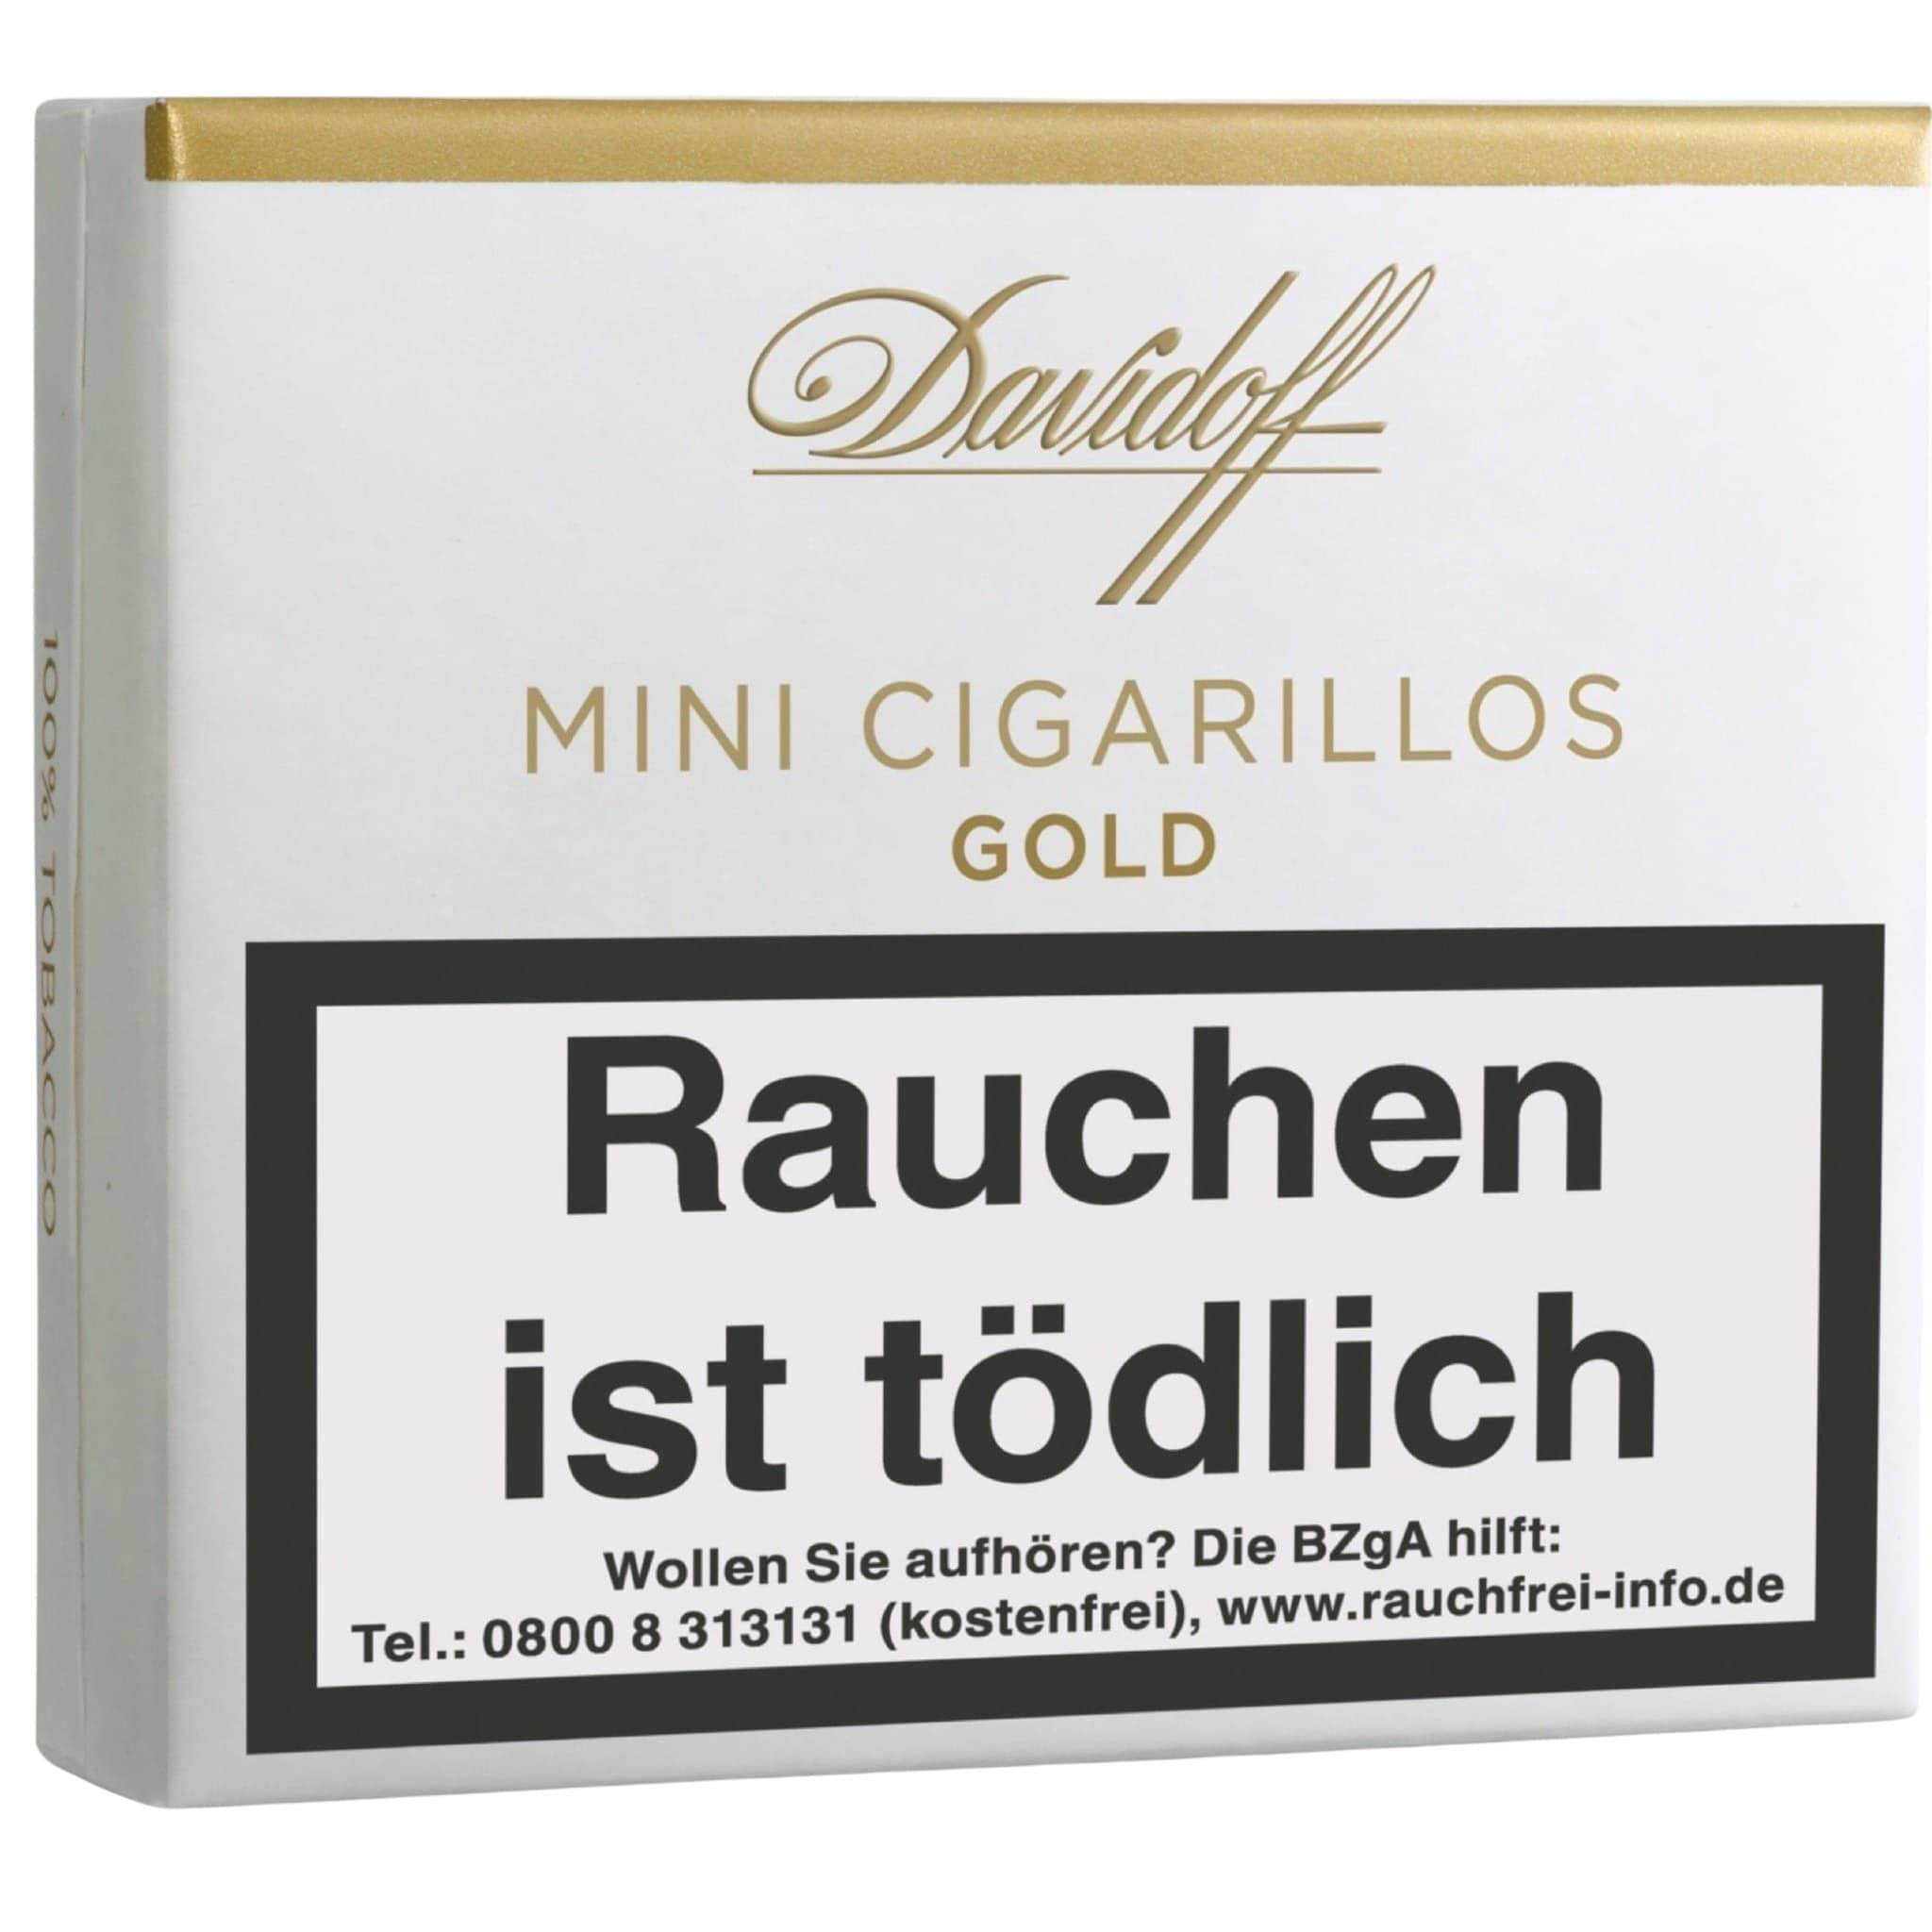 Davidoff Mini Cigarillos Gold 10er Packung